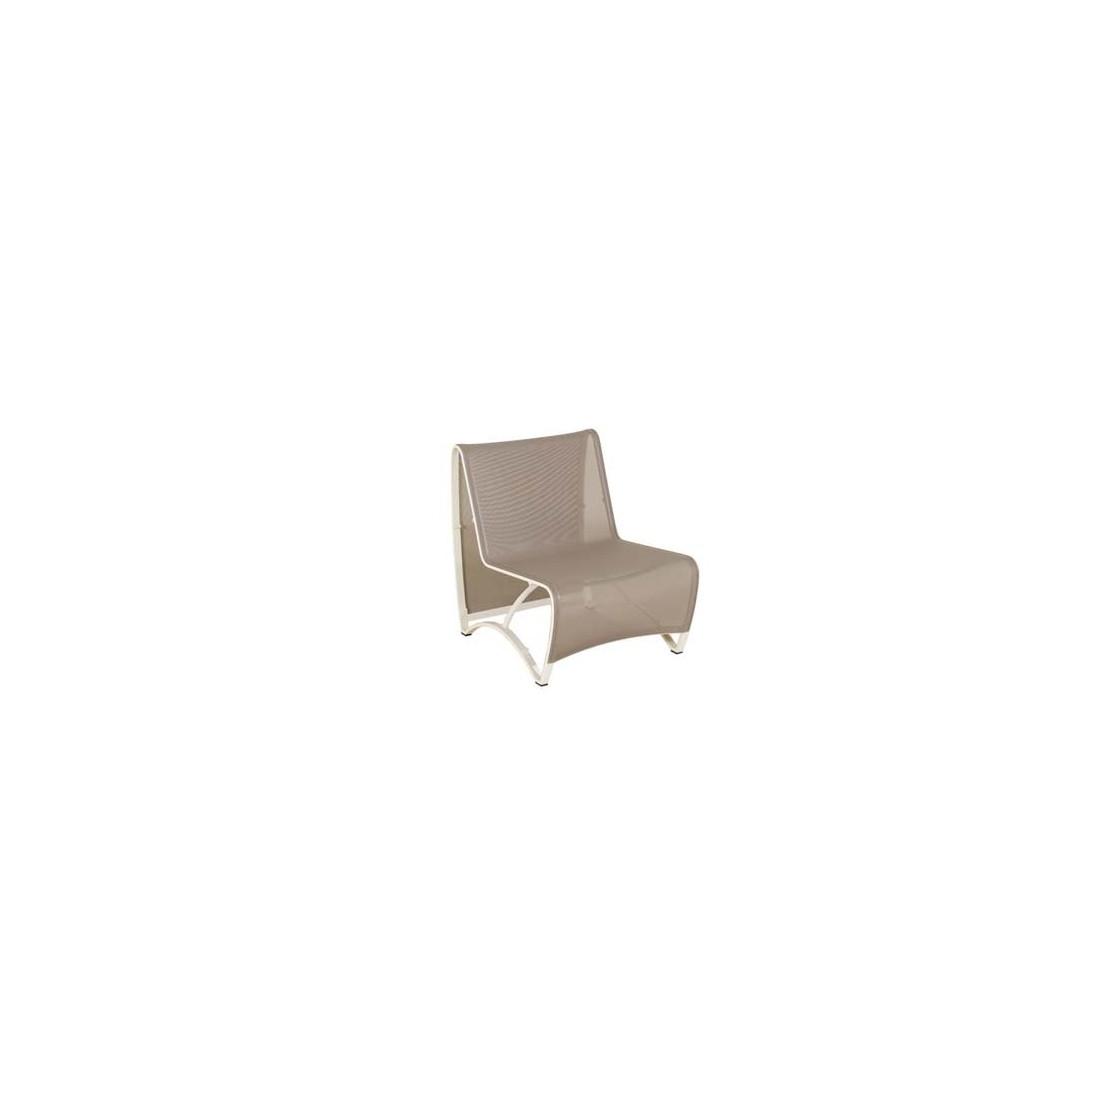 jet pour fauteuil jet de canap dulcii couverture pour ou tapis salon multicolore with jet pour. Black Bedroom Furniture Sets. Home Design Ideas